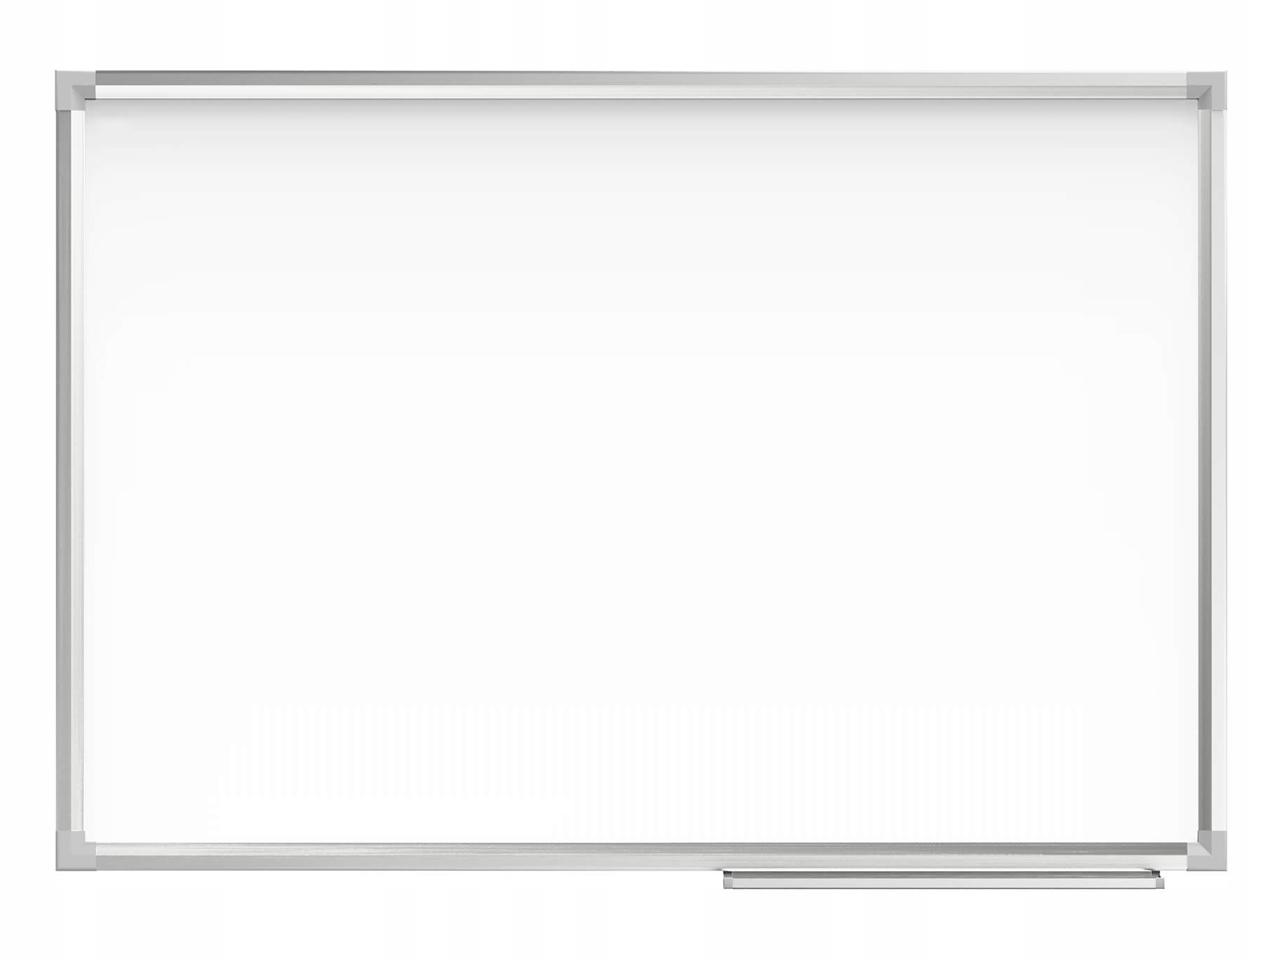 Magnetická tabuľa na suché mazanie 150x100 značka Allboards